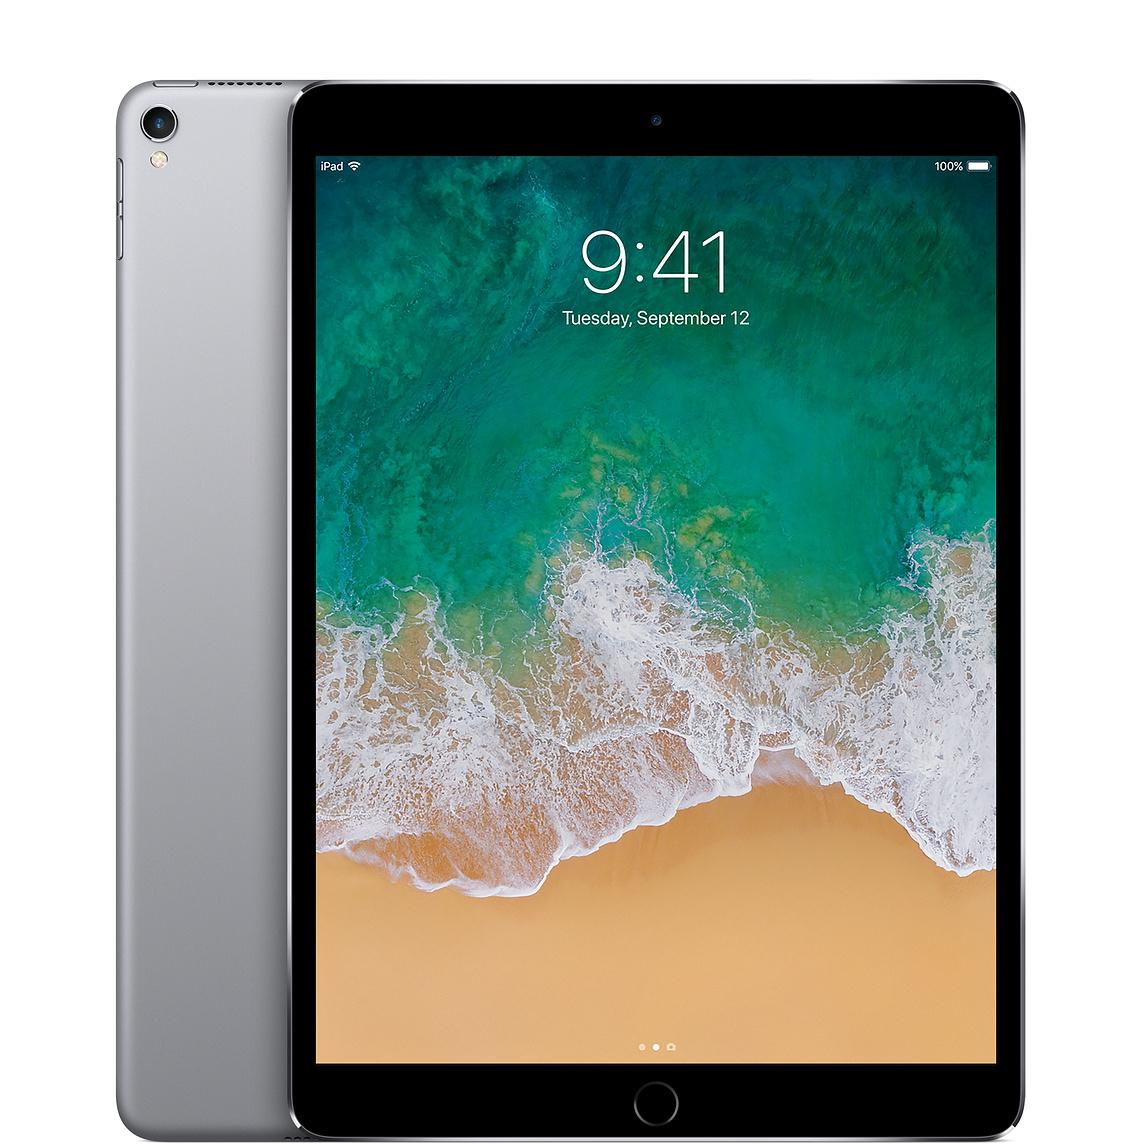 Apple iPad Pro 10.5 wifi 64gb £400 256gb £449 512gb £499 instore John Lewis Oxford Street